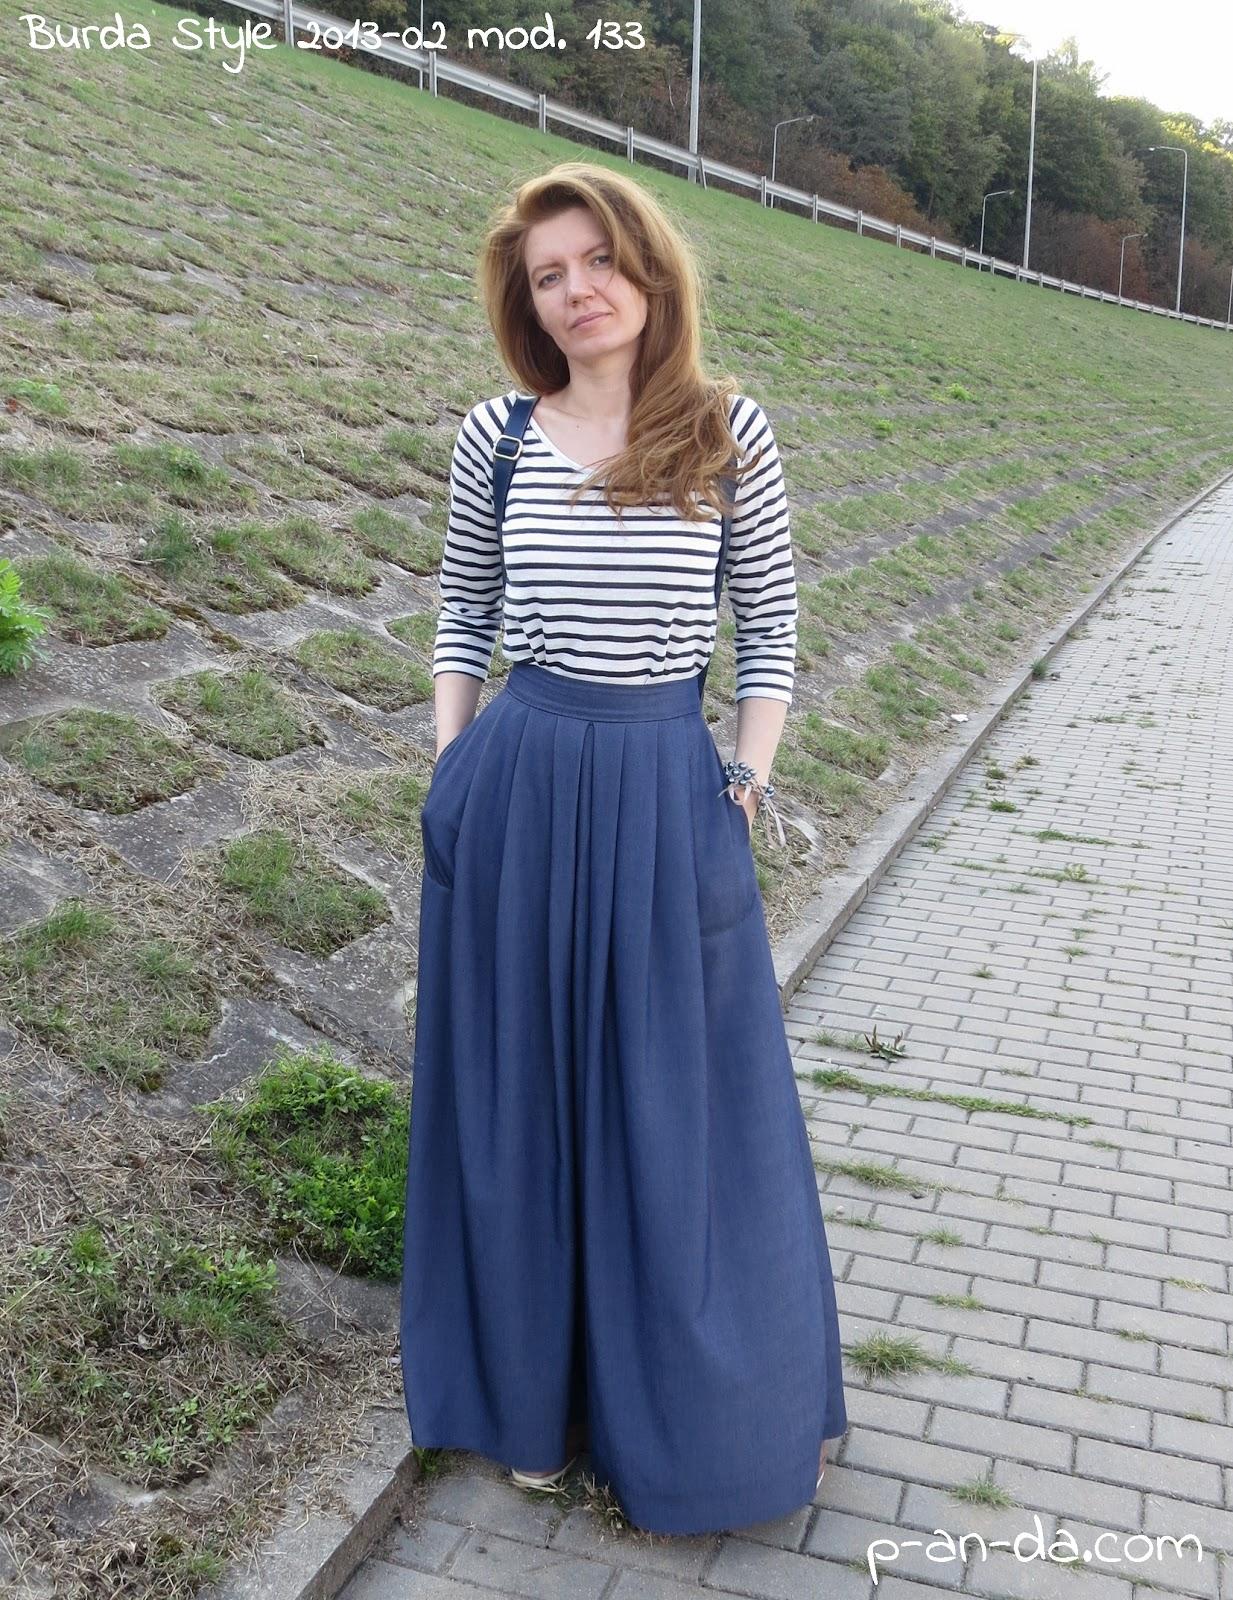 Юбка в пол из джинс